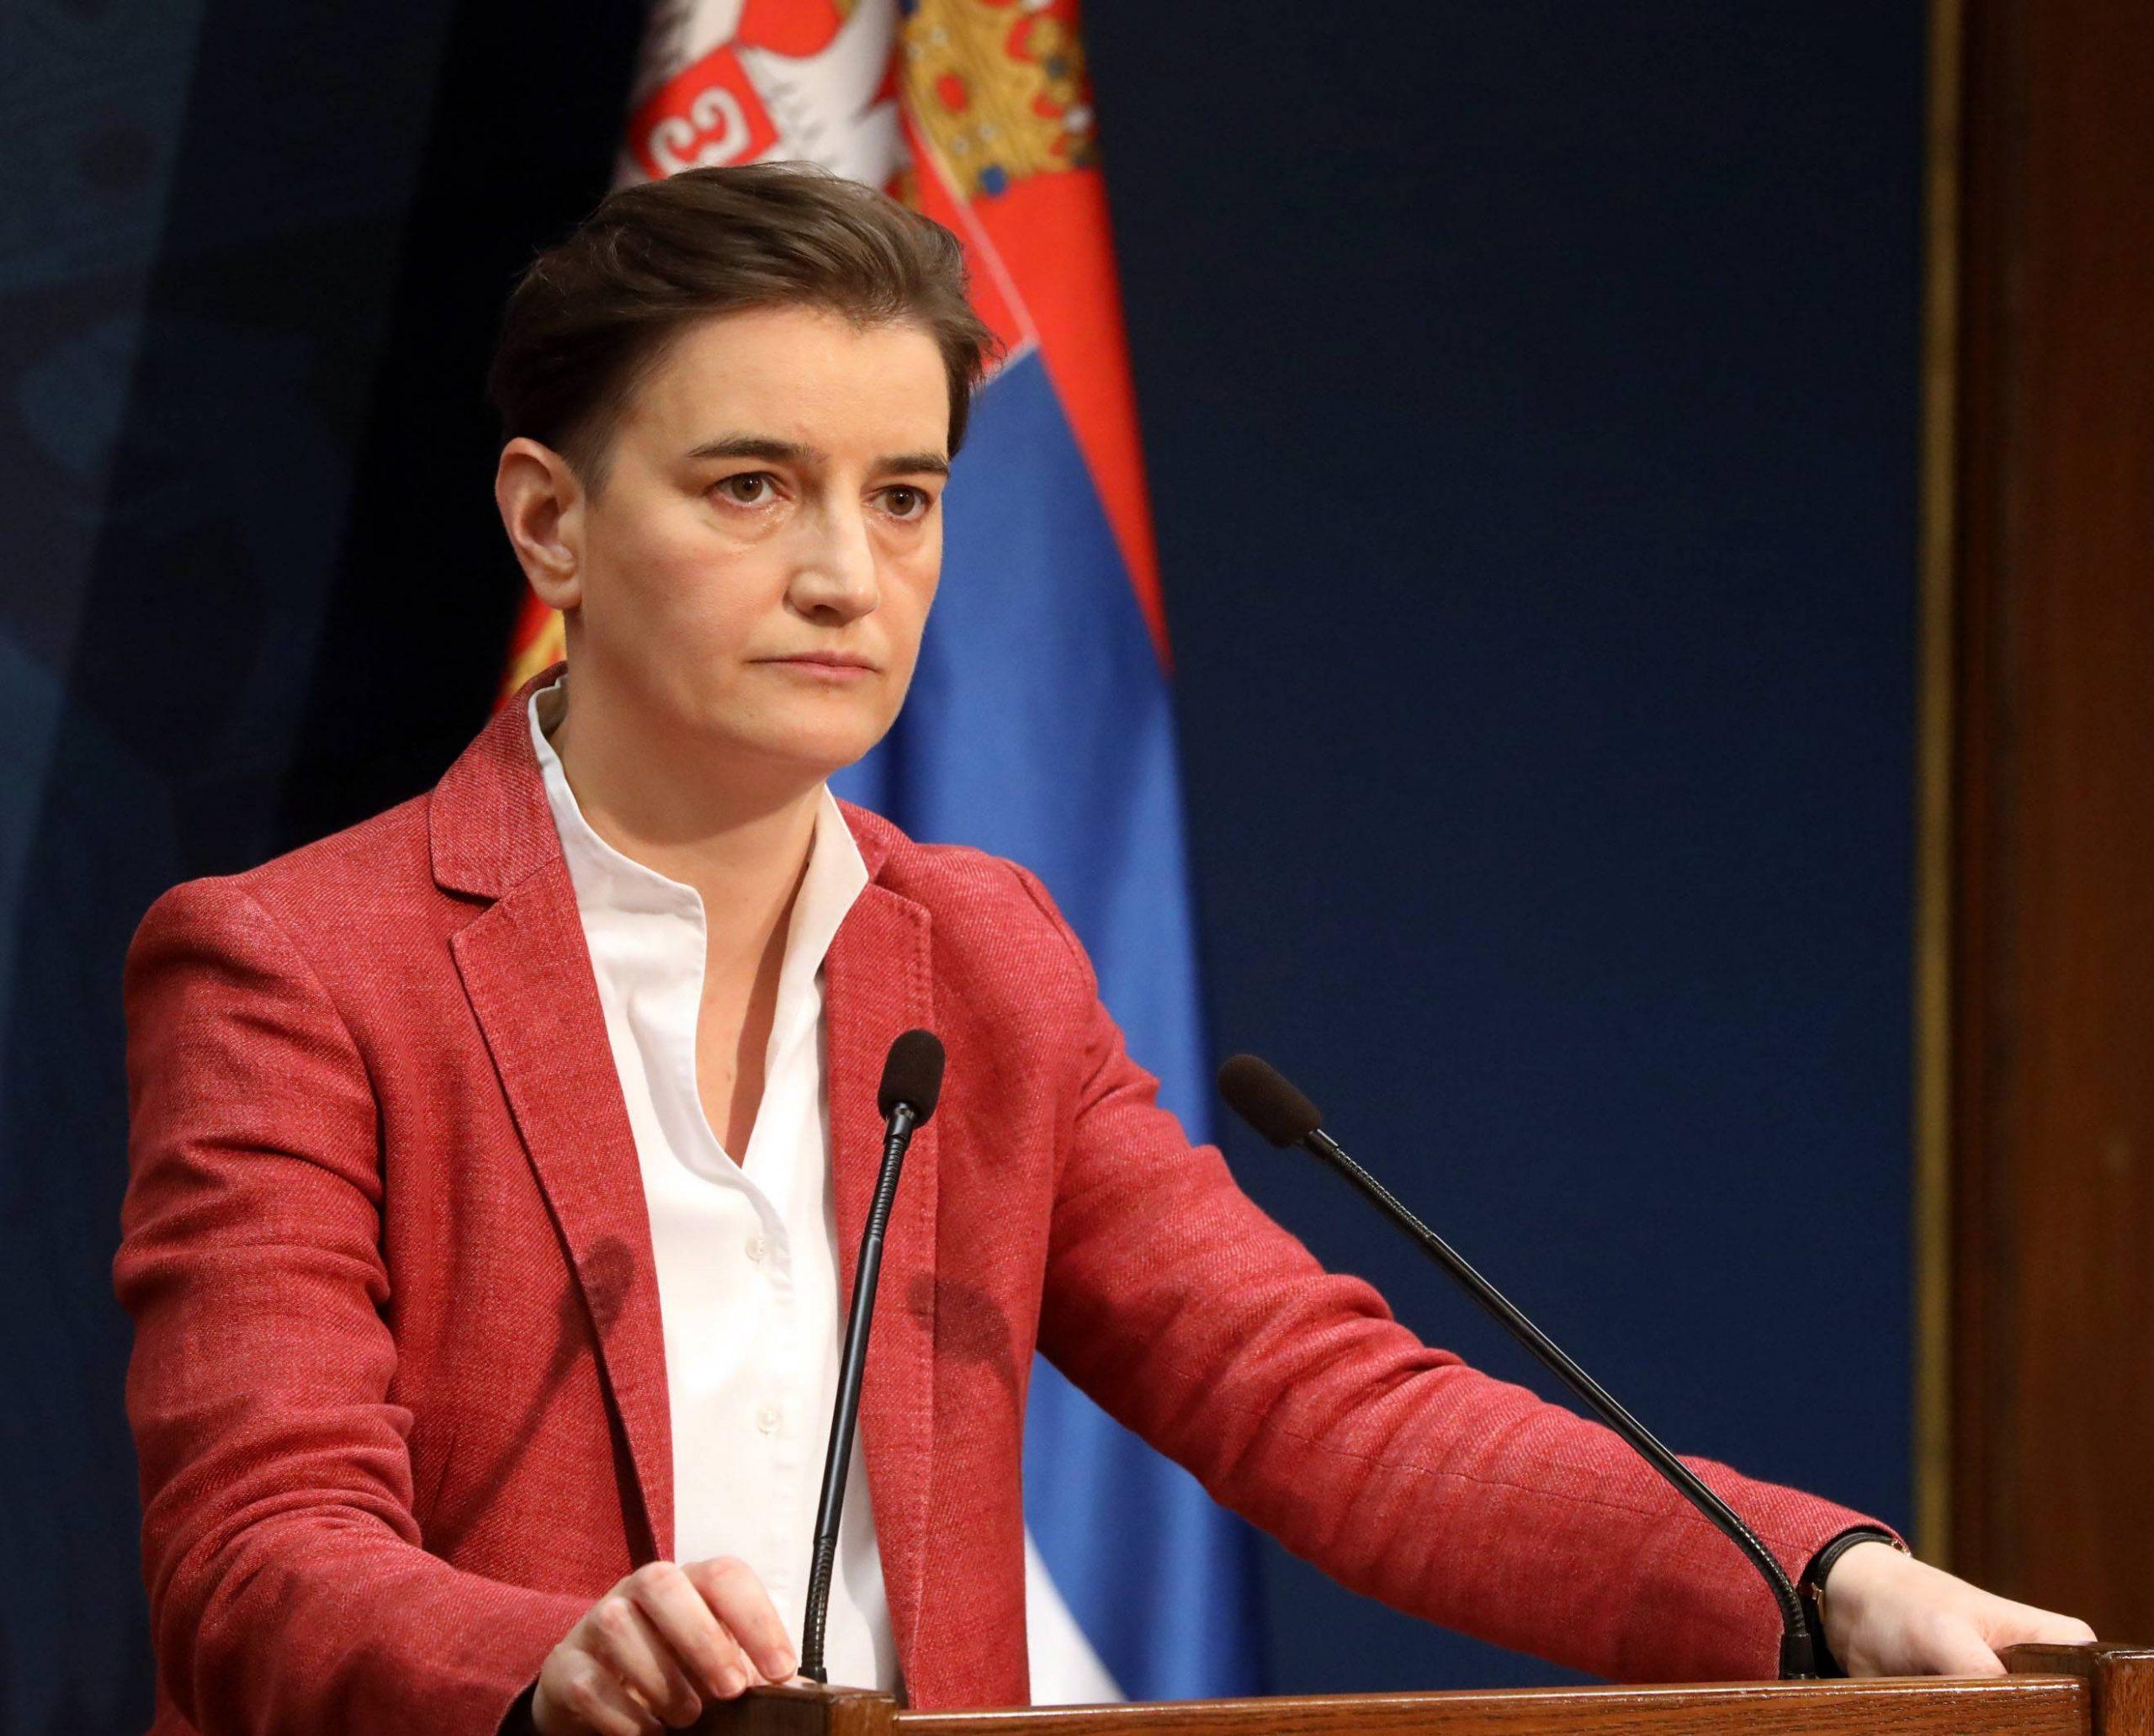 Sindikati RGZ-a Ani Brnabić: Uništavanje RGZ-a se sprovodi po dobro poznatom principu 1